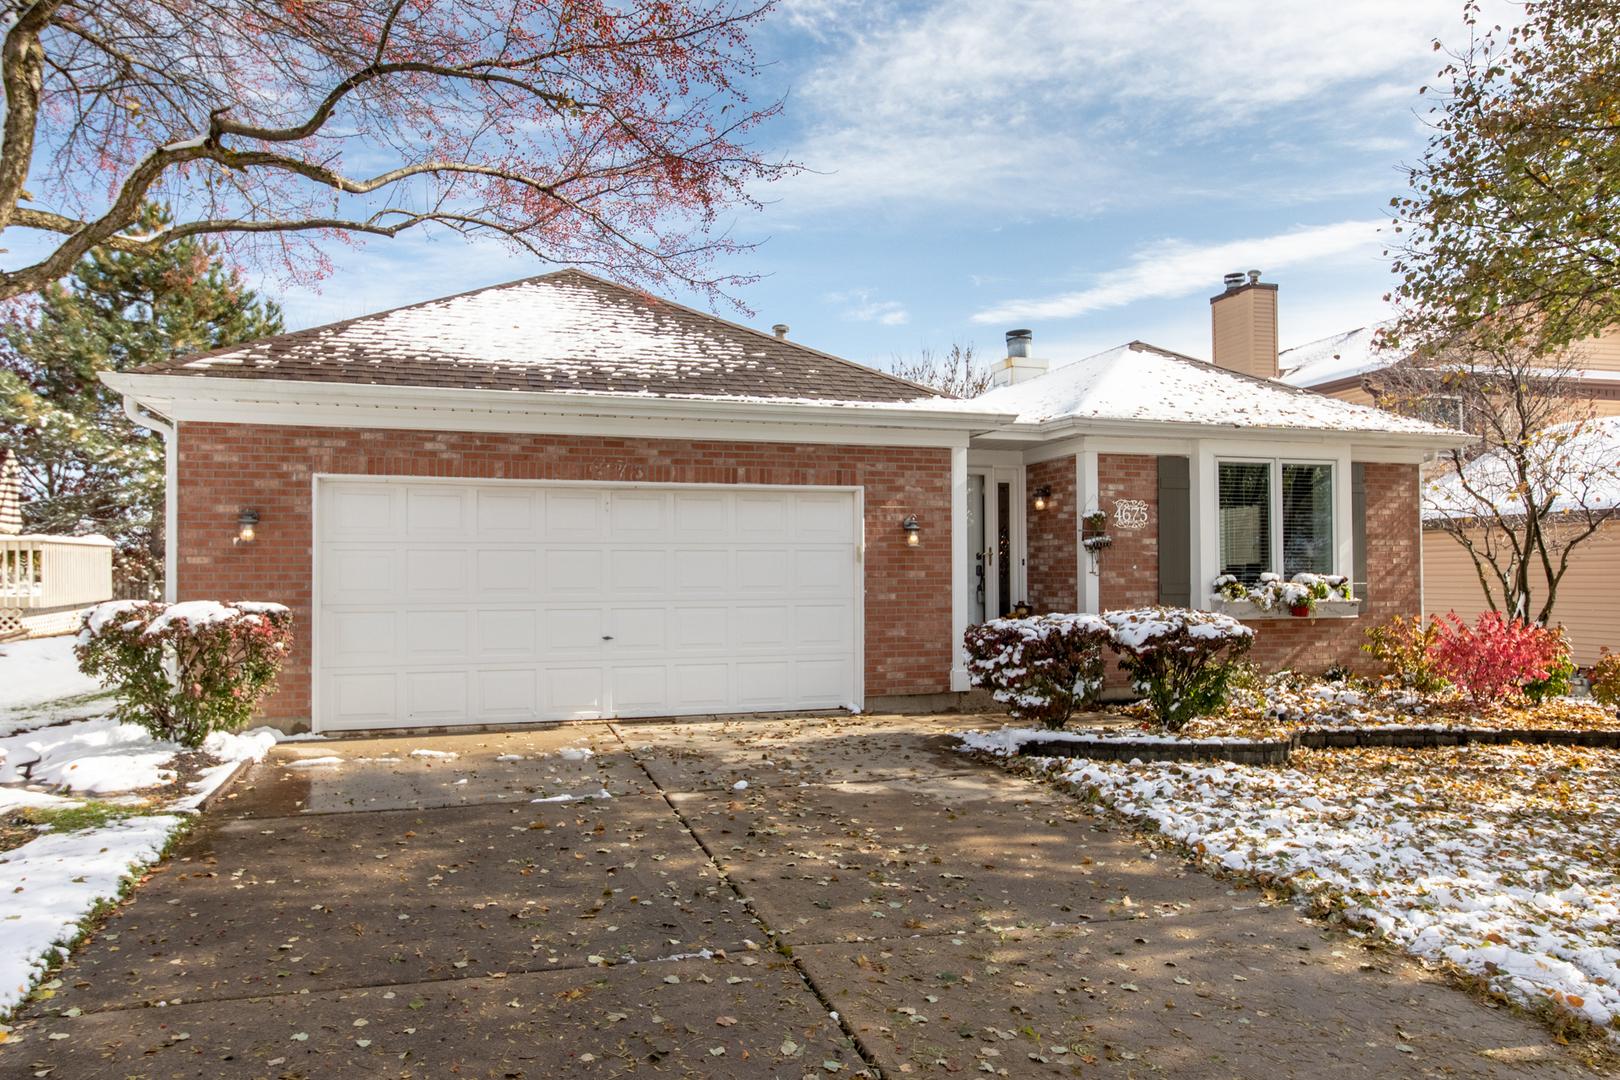 4675 Olmstead, Hoffman Estates, Illinois, 60192